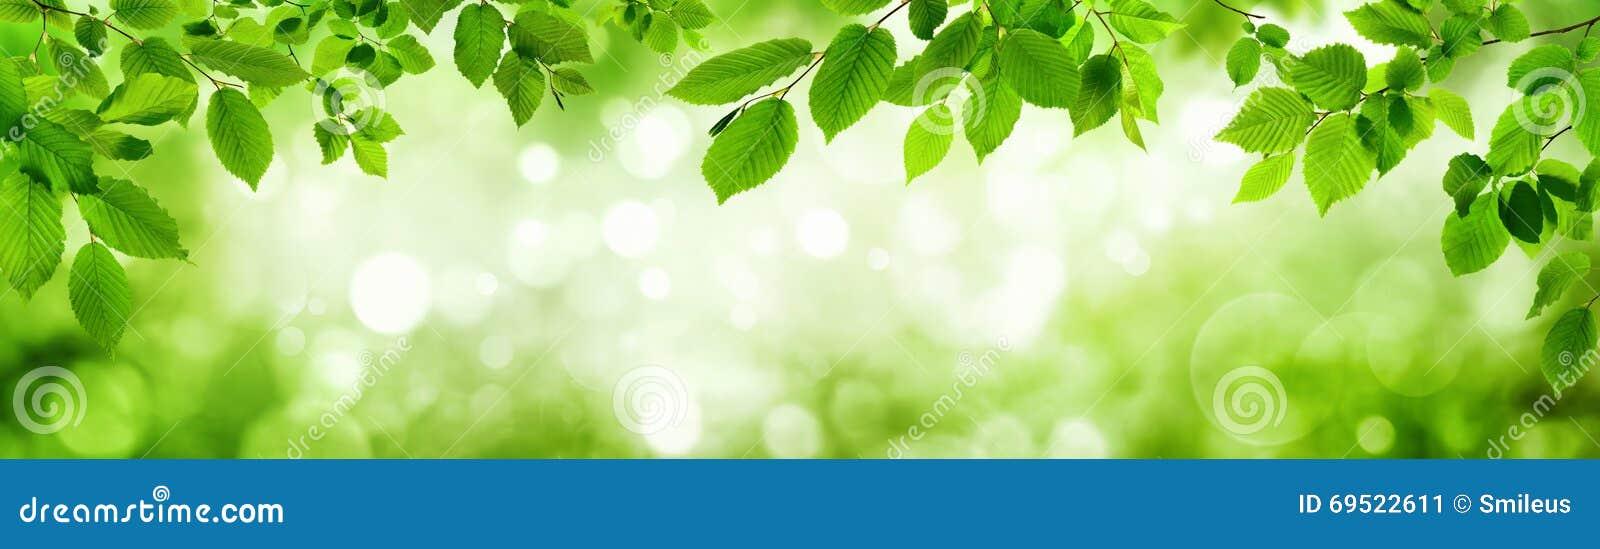 Las hojas del verde y los puntos culminantes borrosos construyen un marco